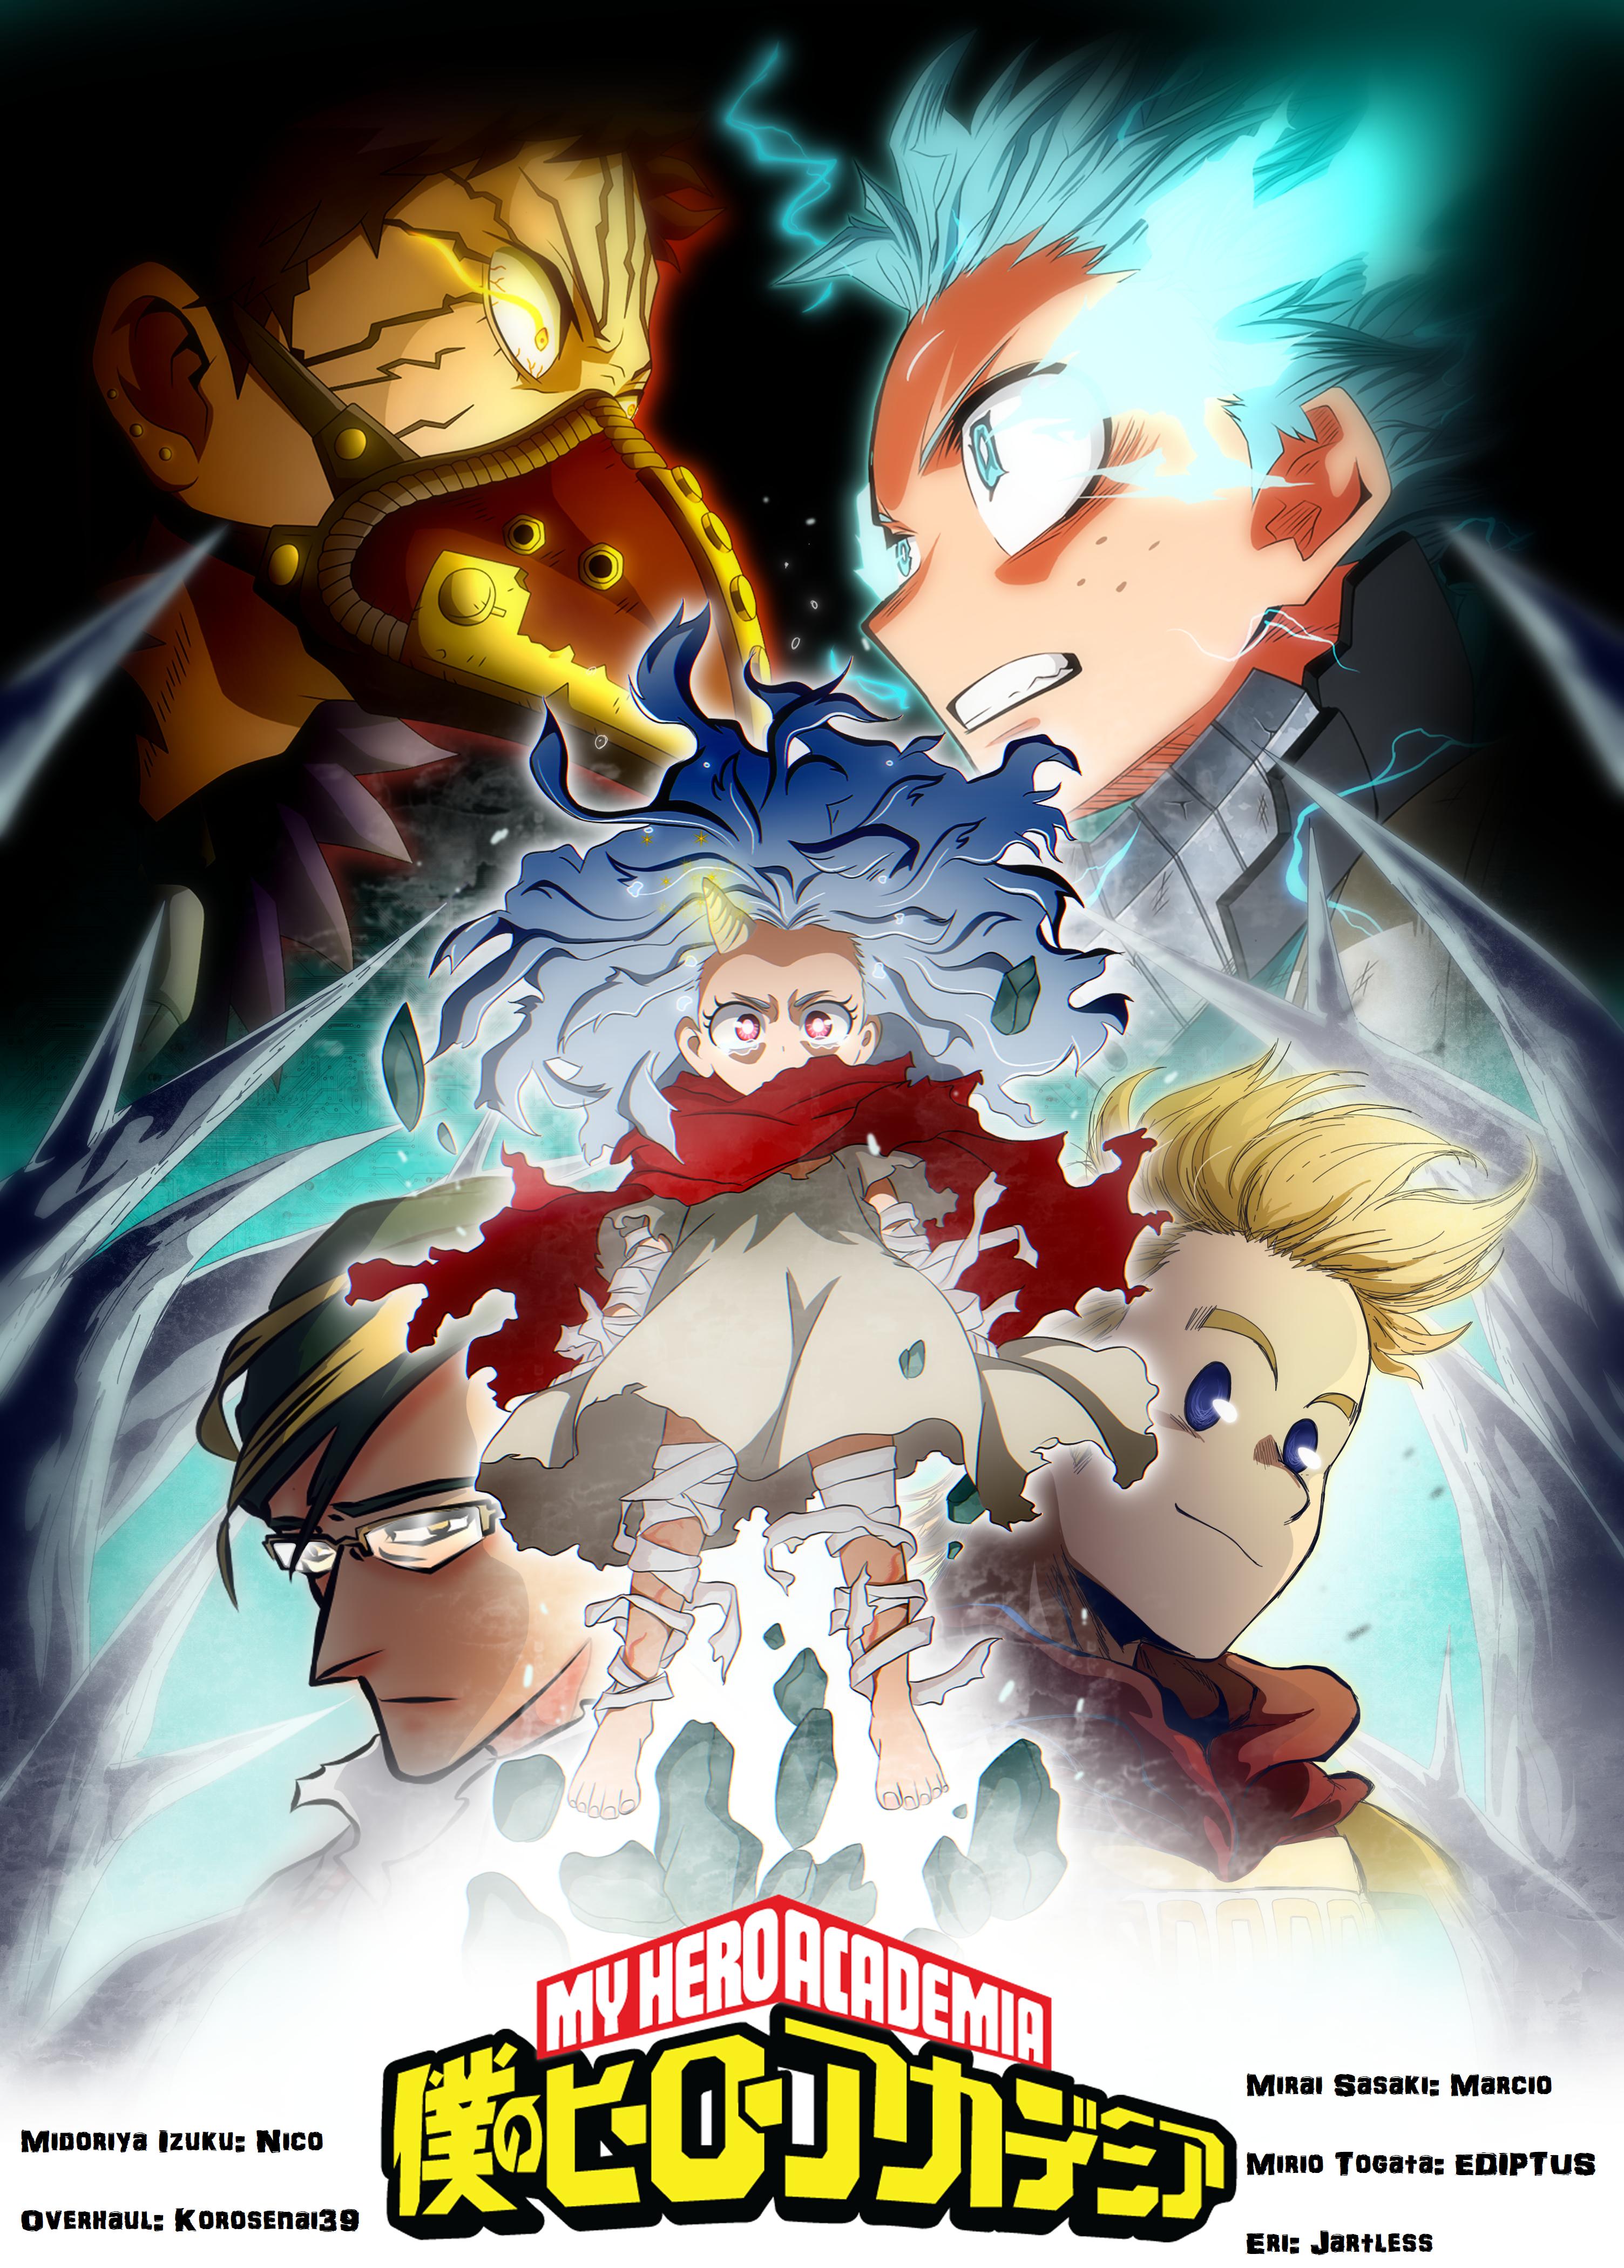 Collab Boku no Hero Academia Season 4 by EDIPTUS on DeviantArt